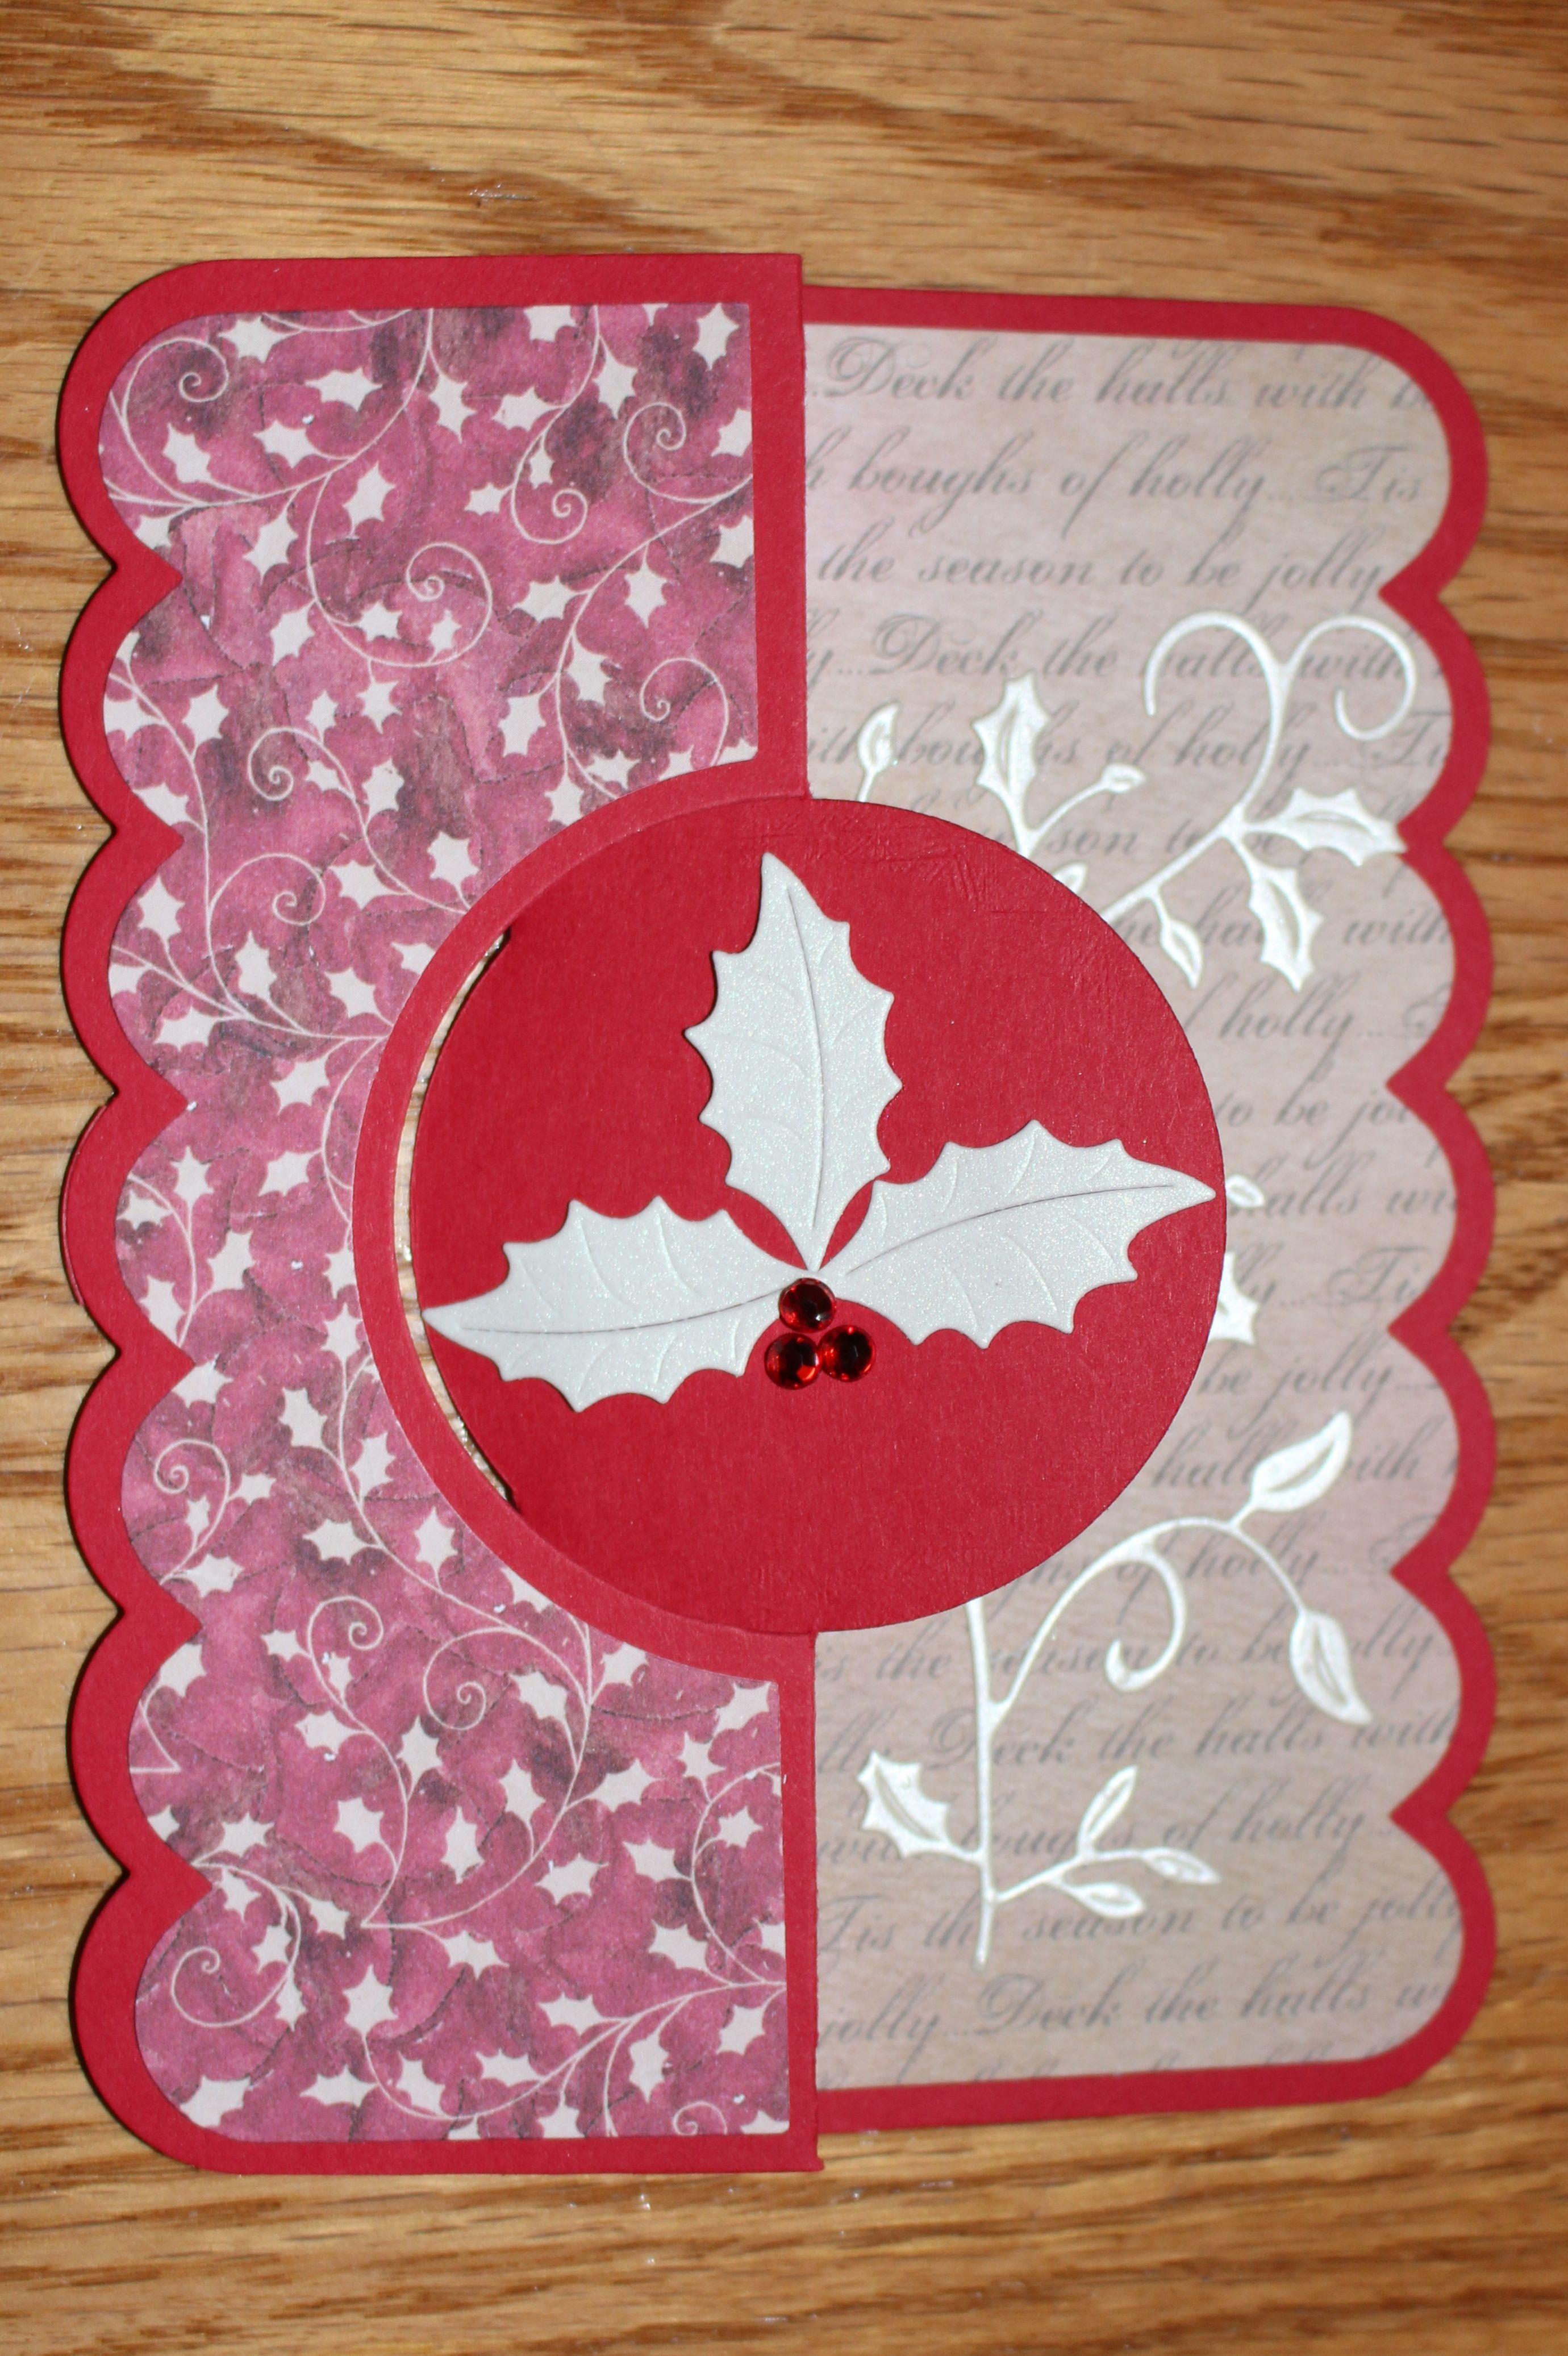 Made by karen kurtz my handmade cards pinterest cards flip